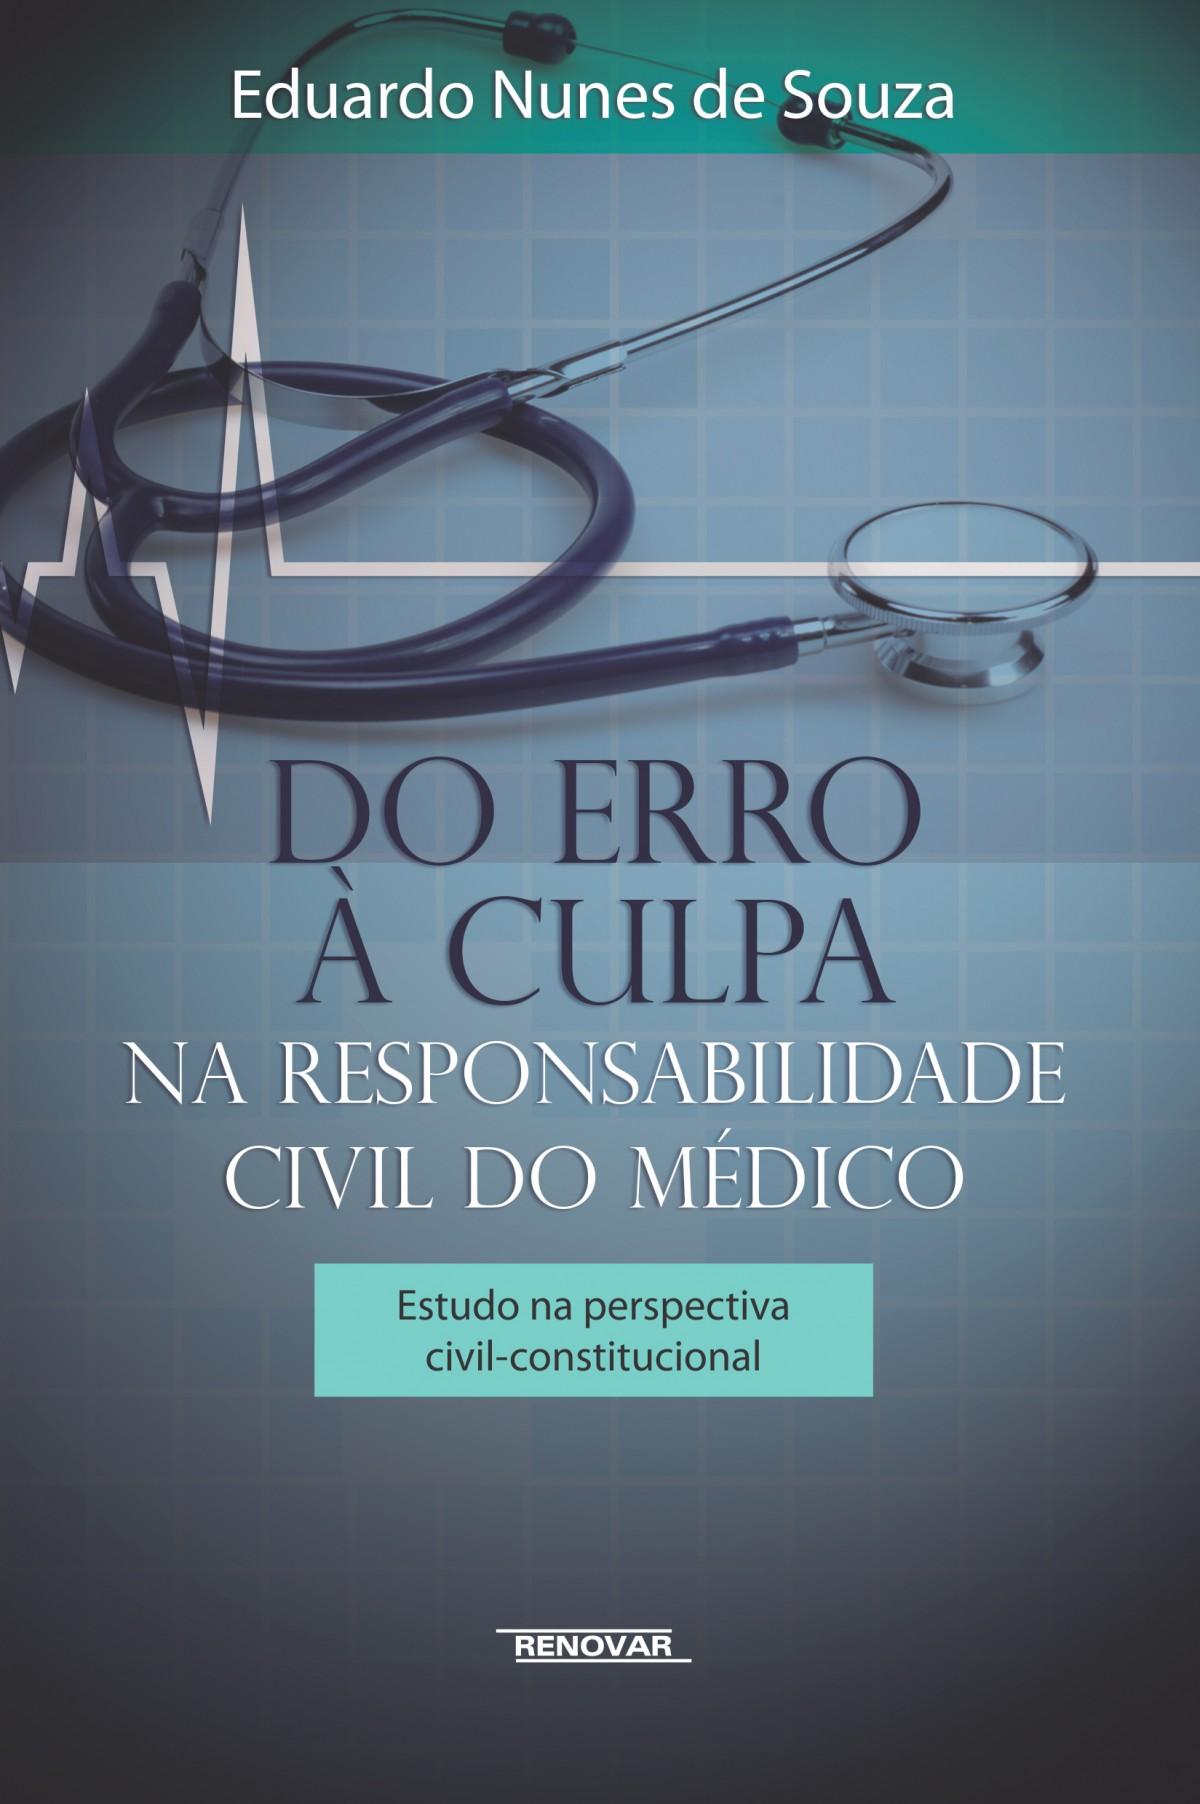 Foto 1 - Do Erro À Culpa - Na Responsabilidade Civil do Médico